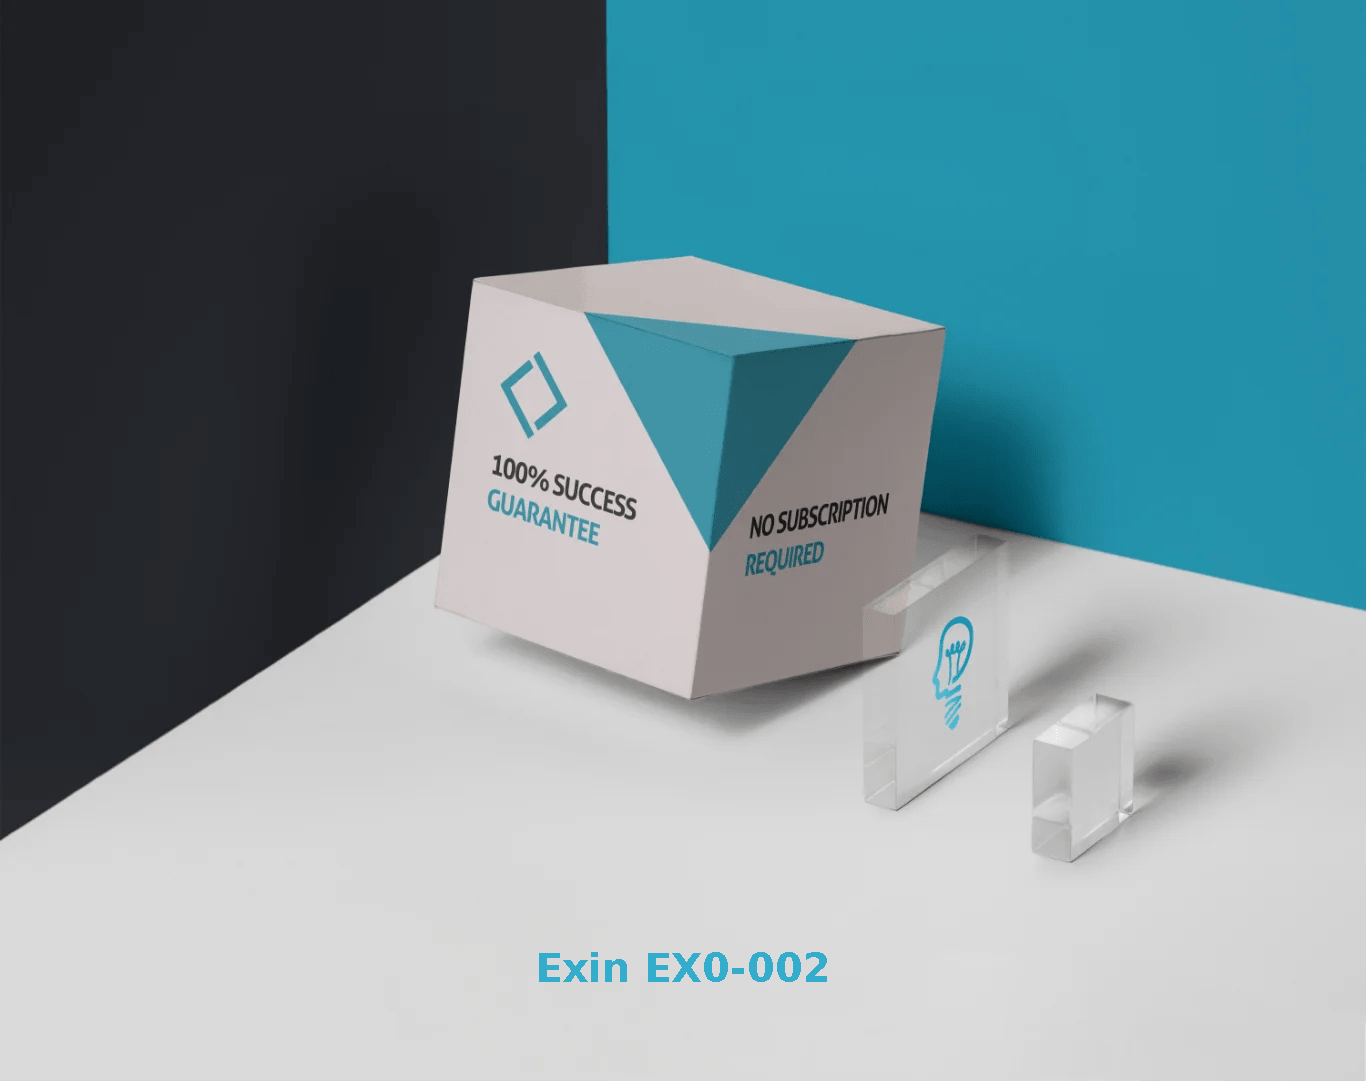 Exin EX0-002 Exams